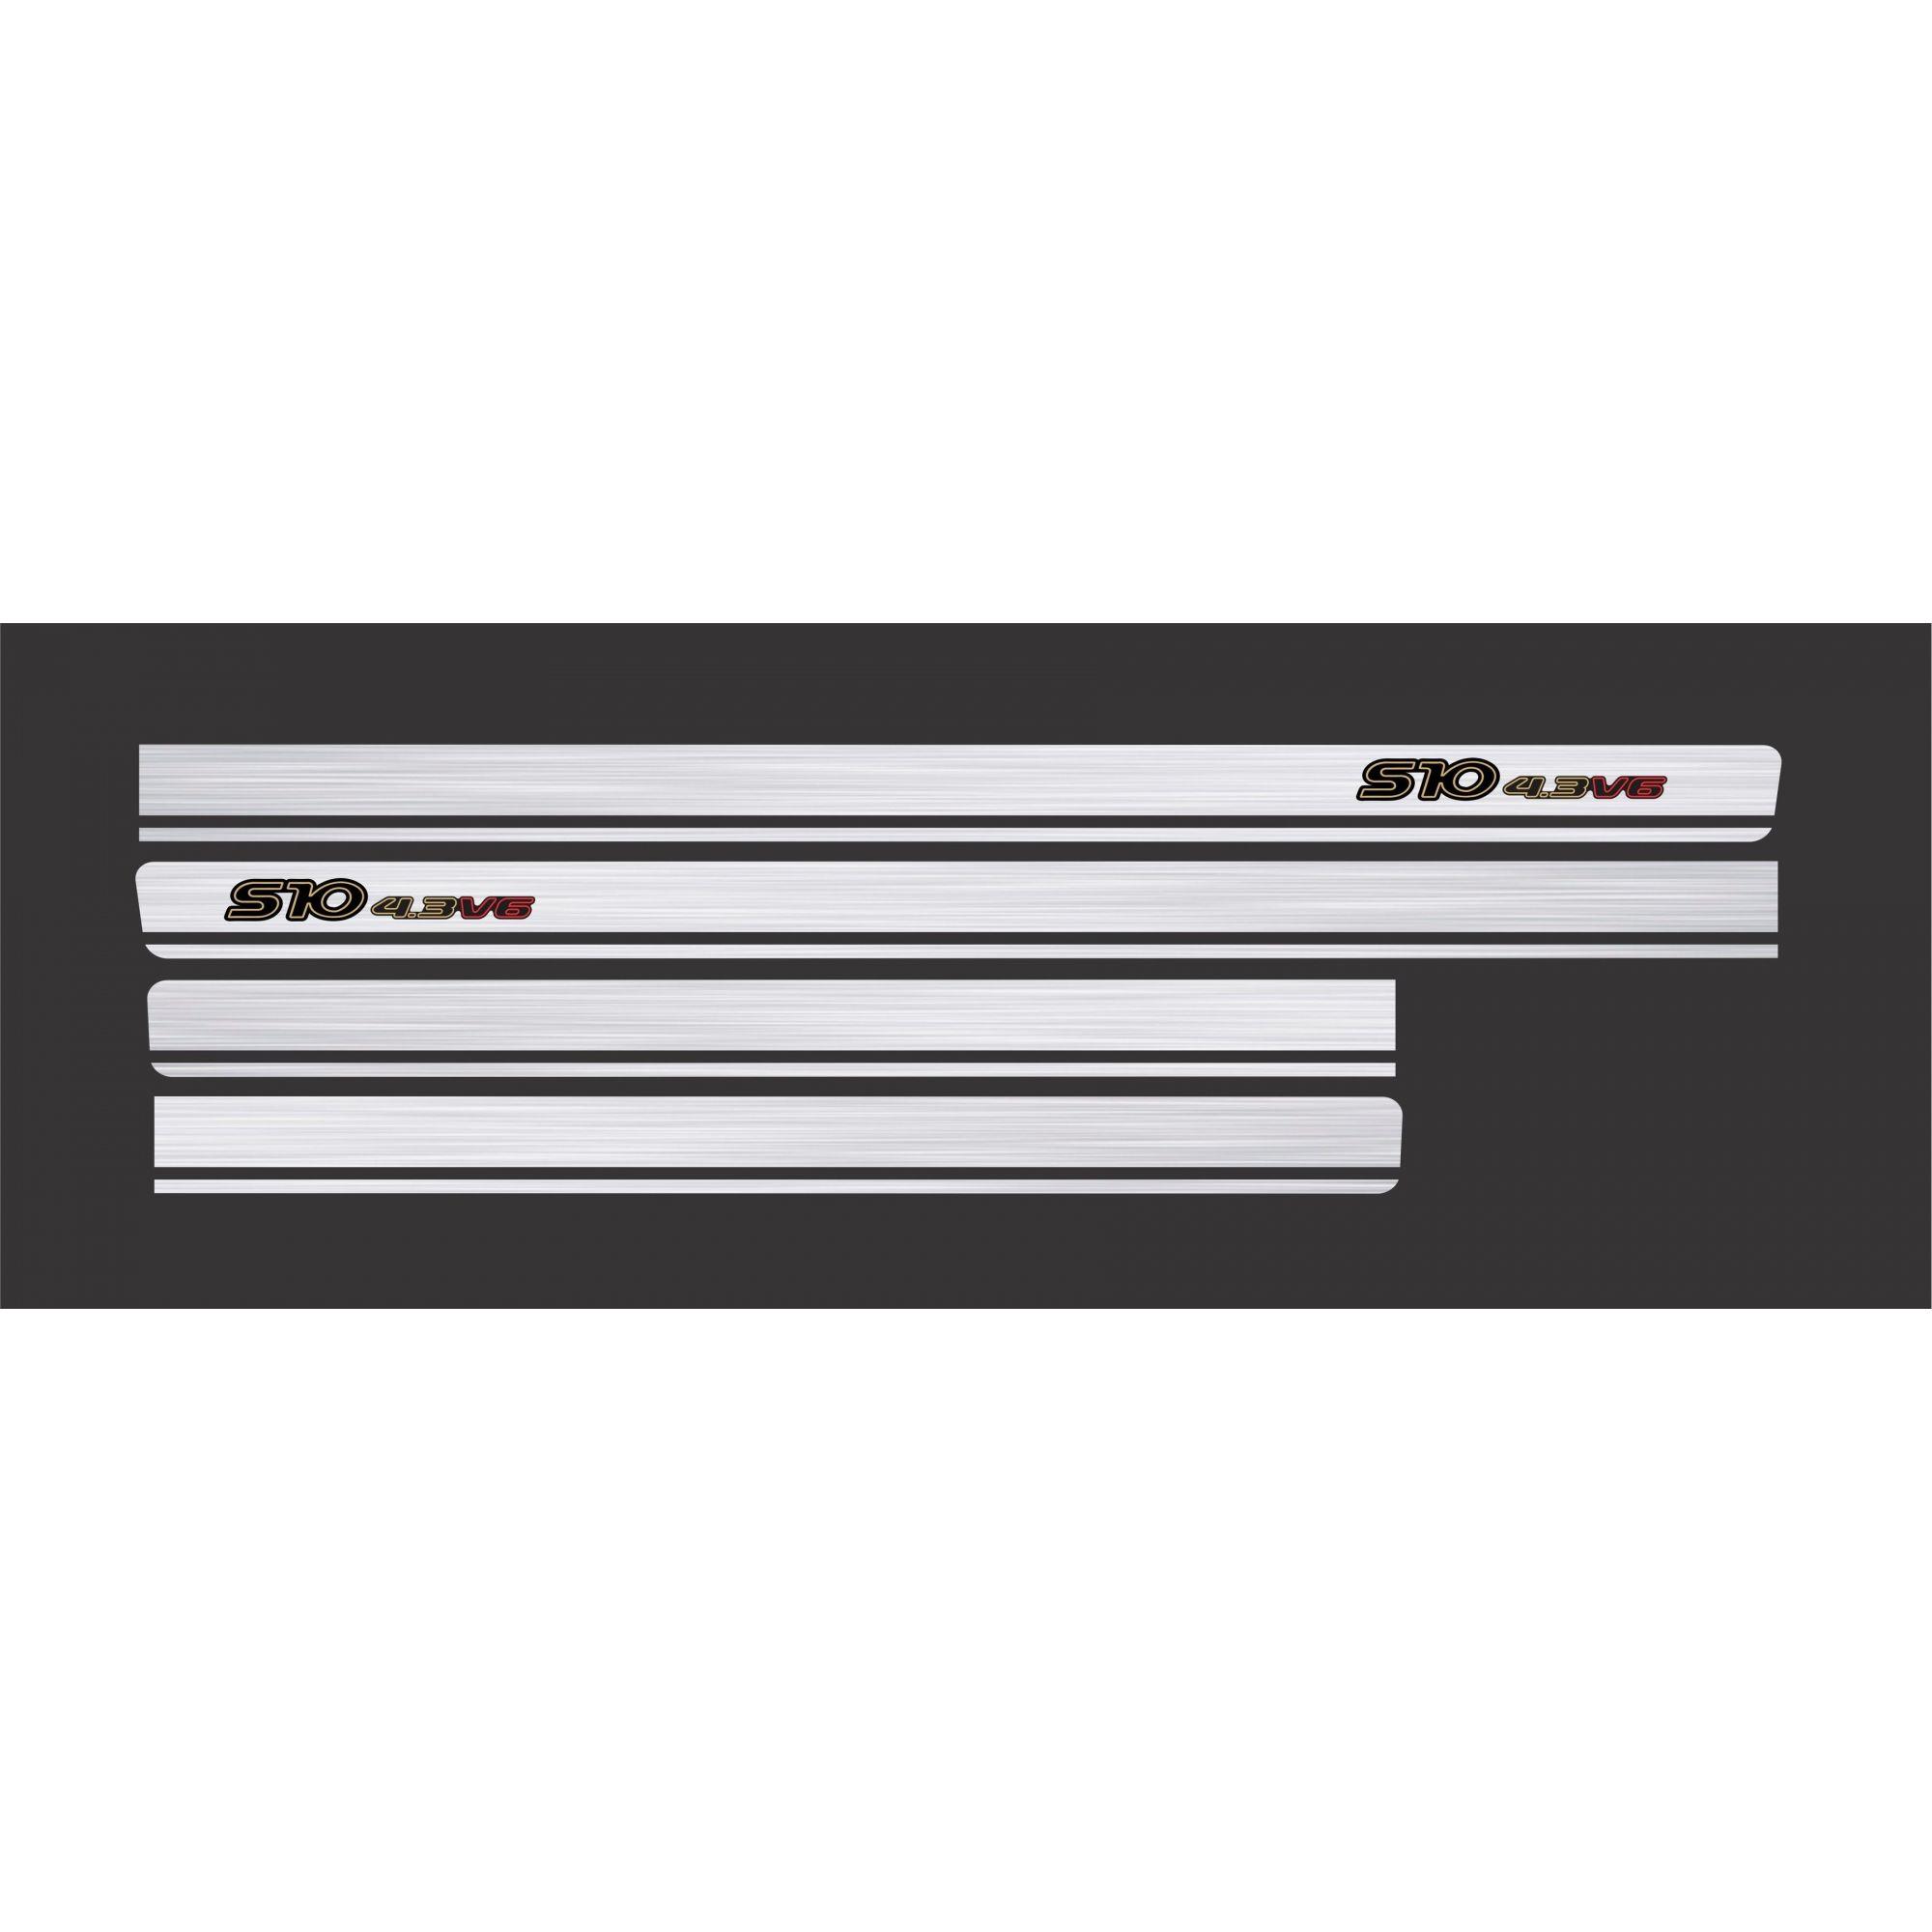 Adesivo Faixa Chevrolet S10 4.3v6 Aço Escovado S10p22